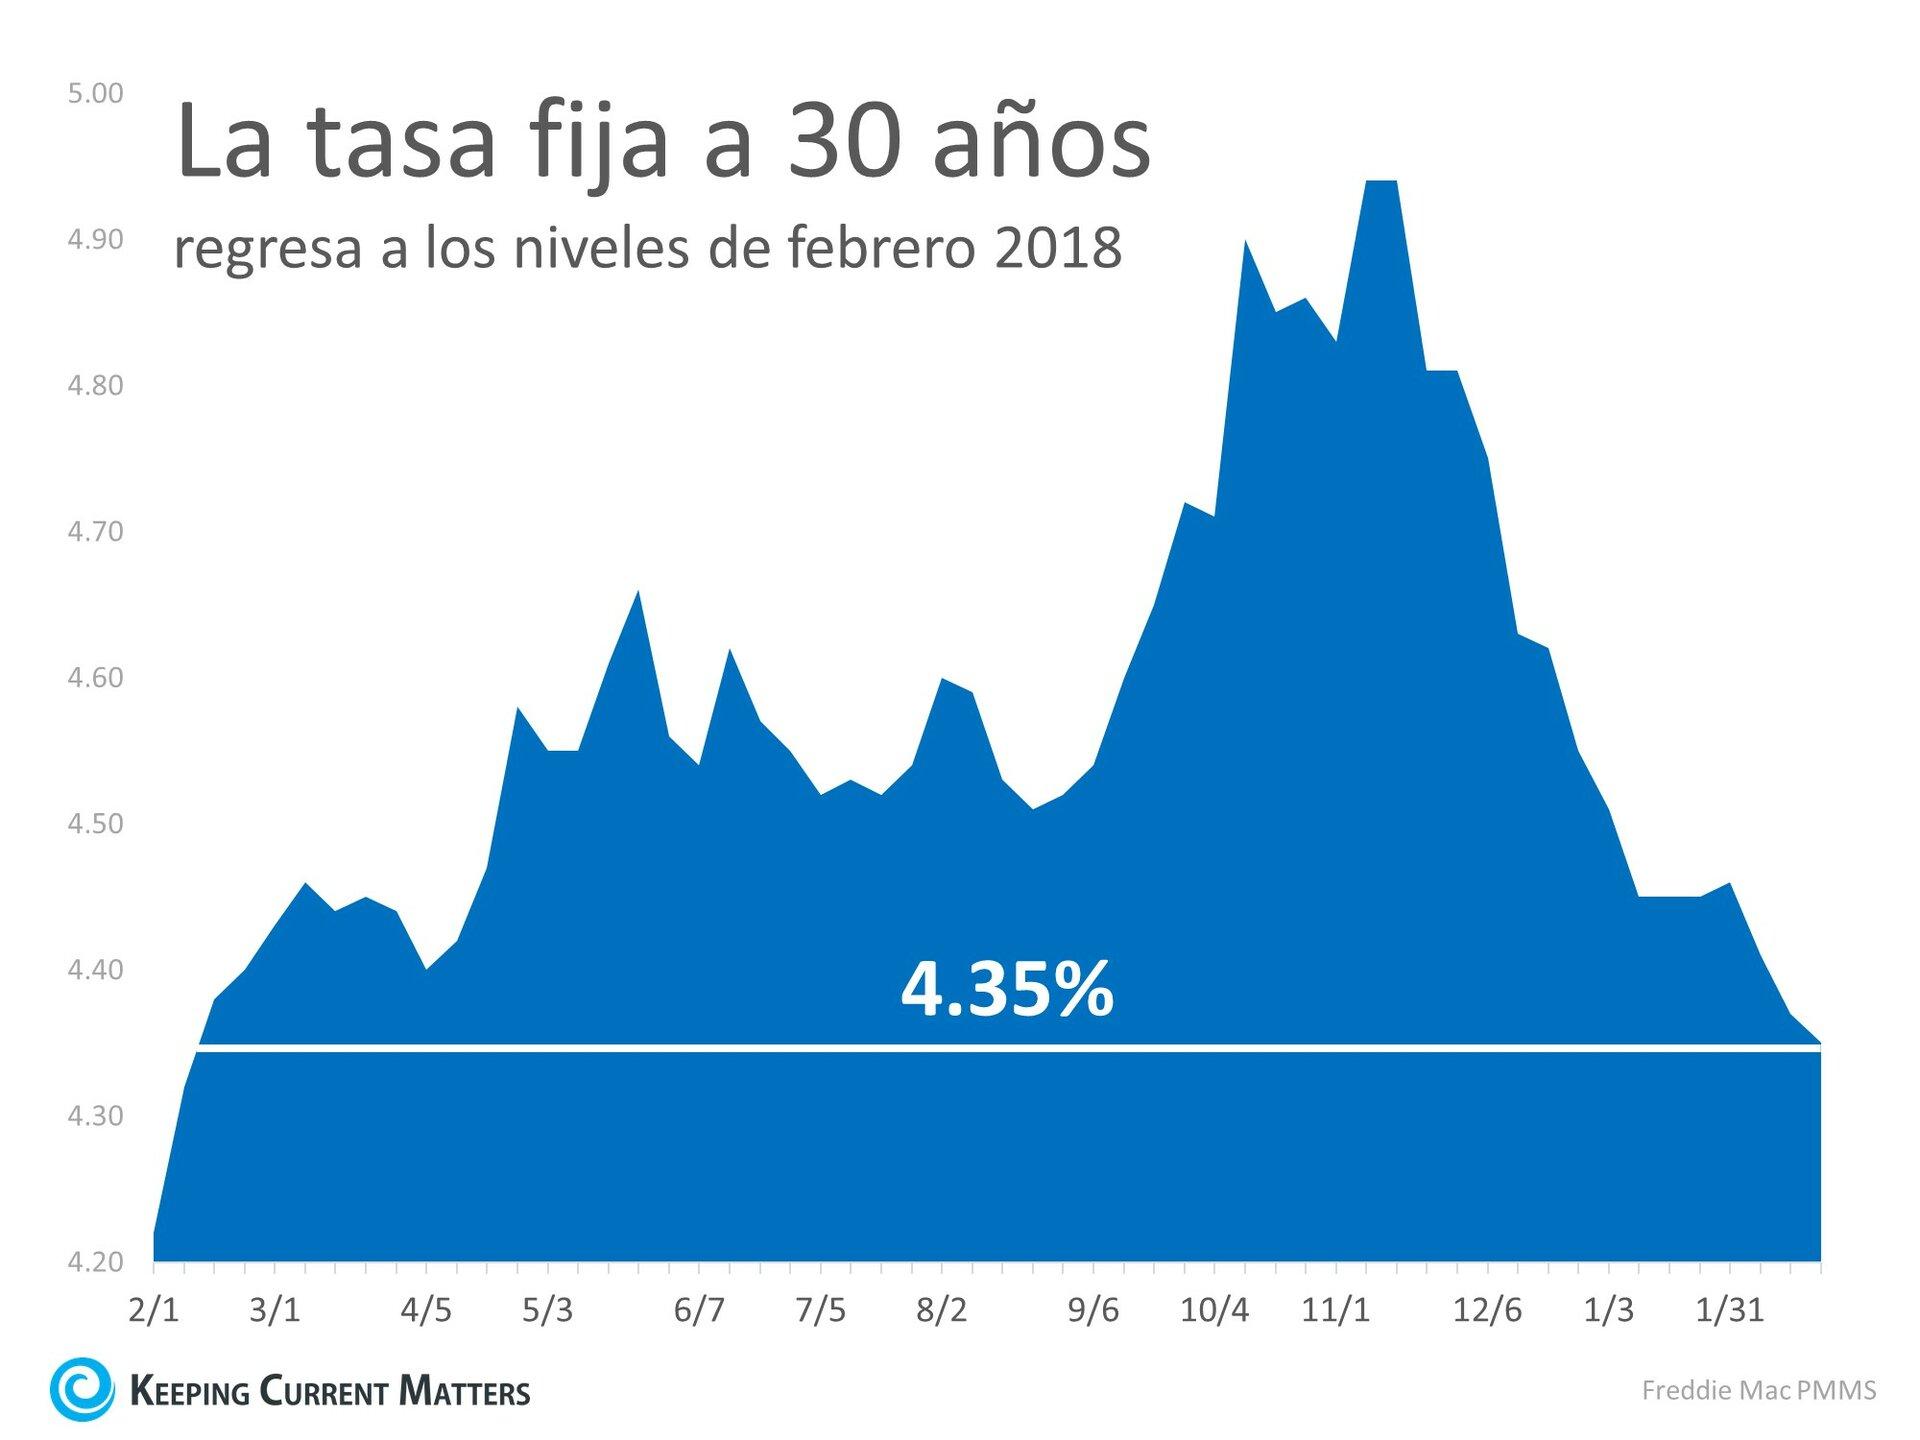 ¡Las tasas de interés alcanzaron un nuevo mínimo en 12 meses! | Keeping Current Matters